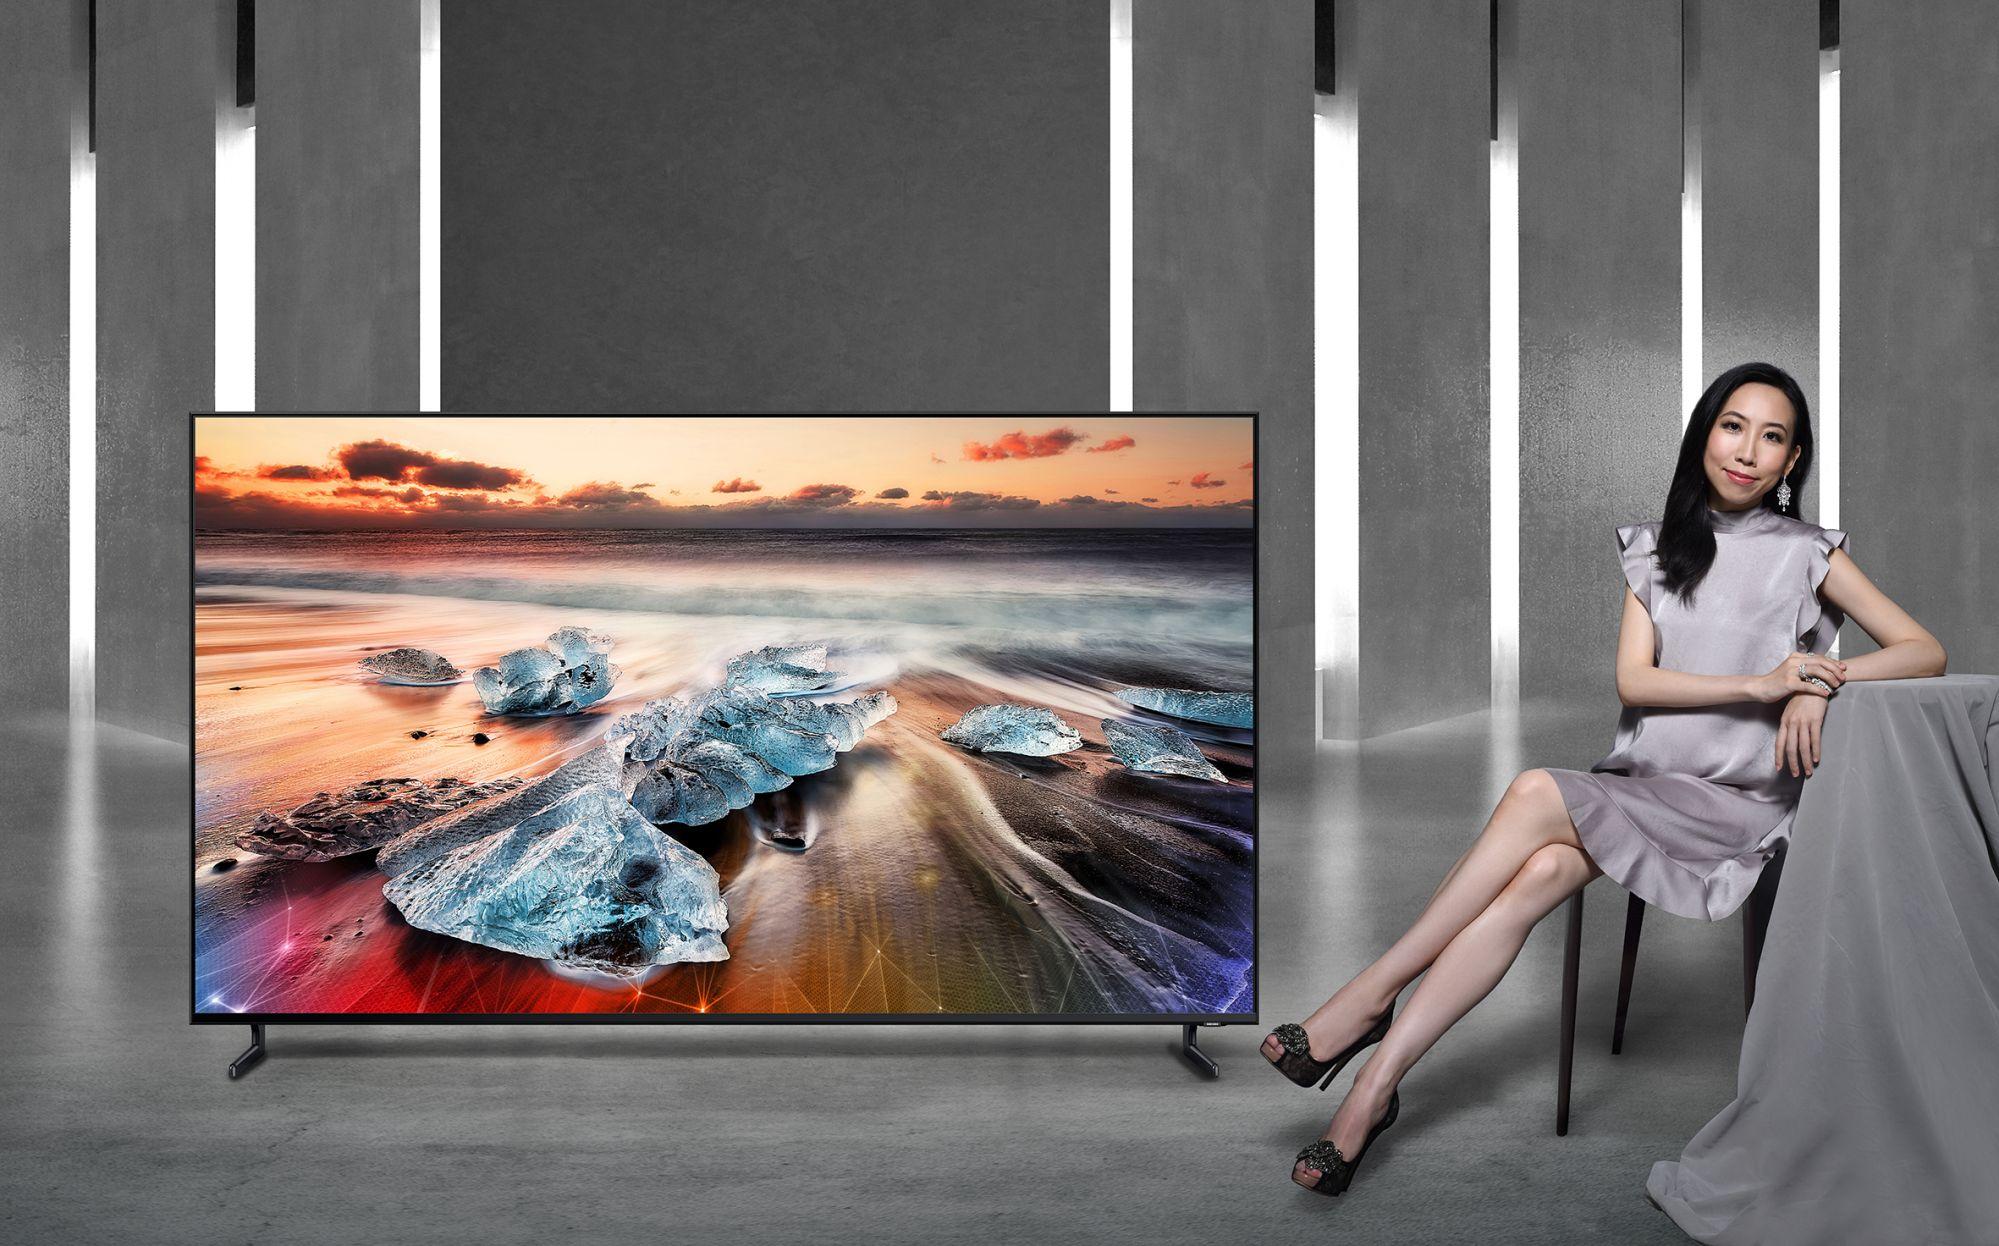 黃郁婷難忘求婚畫面、文業豪讚嘆不丹美景,Samsung QLED 8K量子電視用極致科技帶兩人前往心之所向!